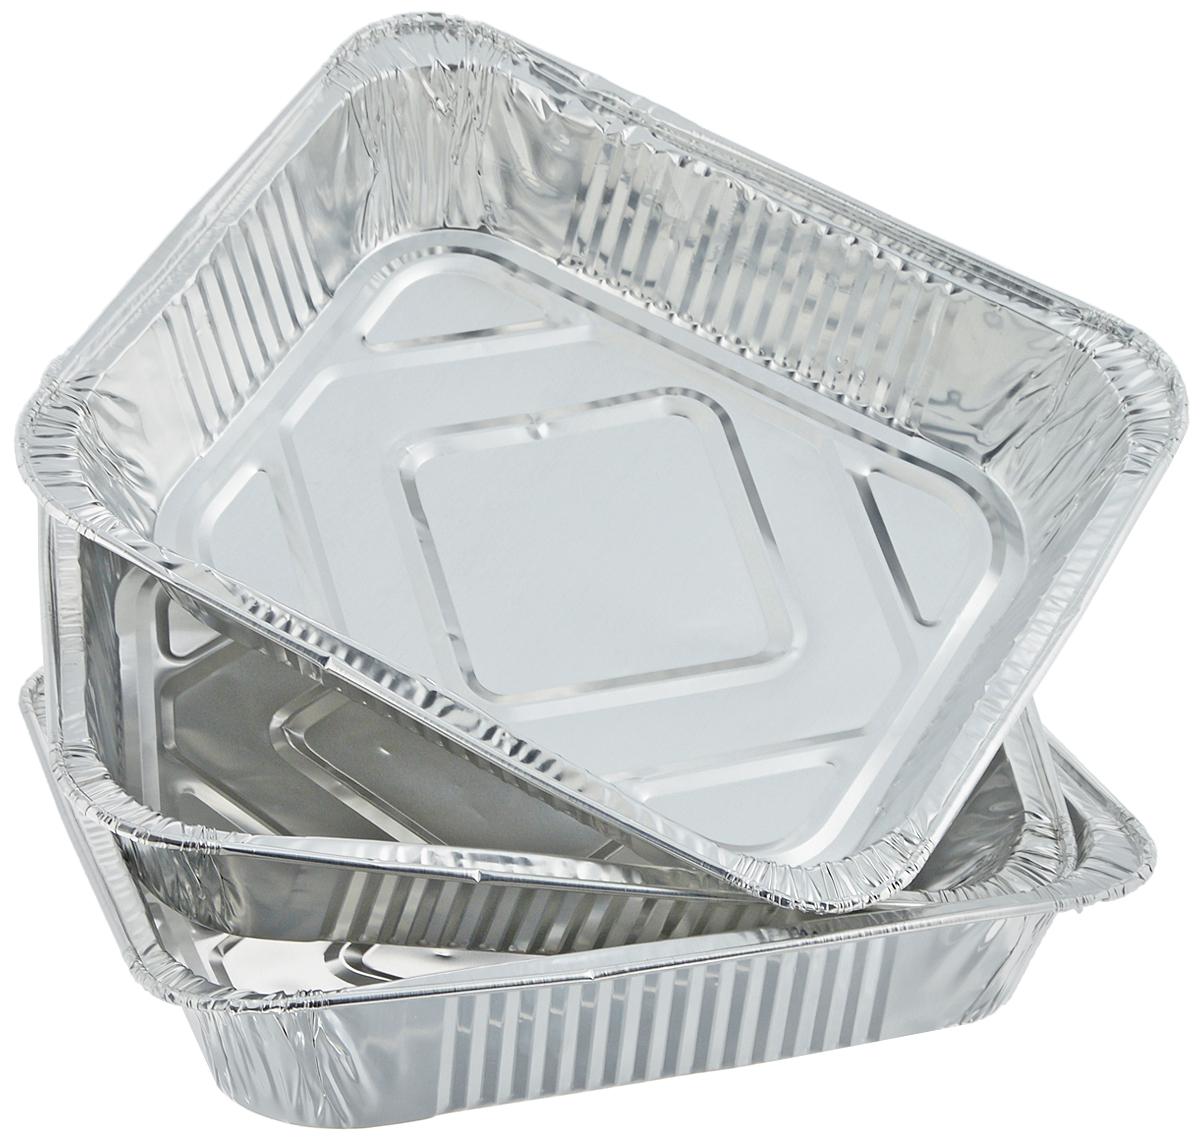 Набор форм для запекания Marmiton, 32 х 26 х 6,5 см, 3 шт11359Набор форм Marmiton, выполненный из алюминиевой фольги, идеально подходит для запекания, обжарки, хранения и замораживания продуктов, а также быстрого разогрева приготовленных блюд. Изделия обладают всеми свойствами обычной фольги для запекания: гигиеничные, легкие, прочные, теплопроводные.Использовать для запекания на гриле и в духовой печи (до +280°C), для замораживания (до -40°C).